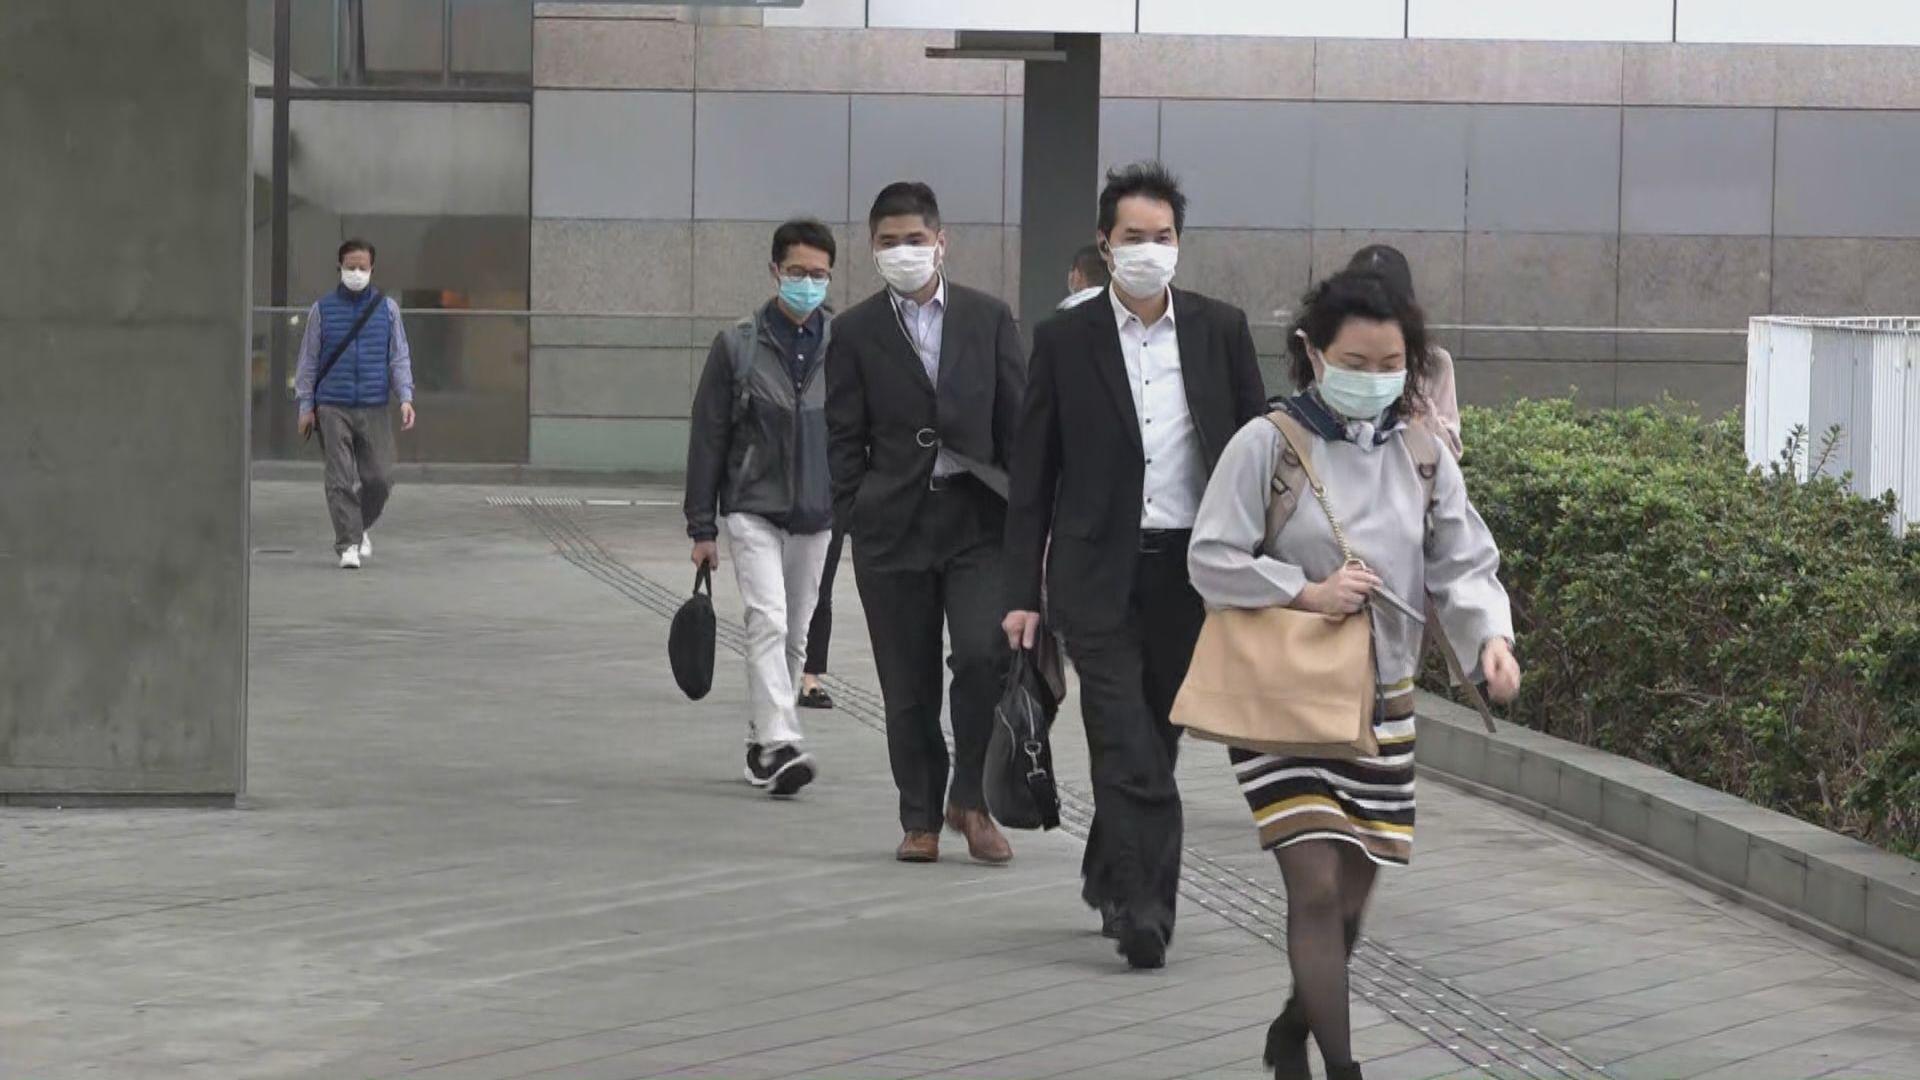 下周四多項防疫措施到期 林鄭:很快公布決定